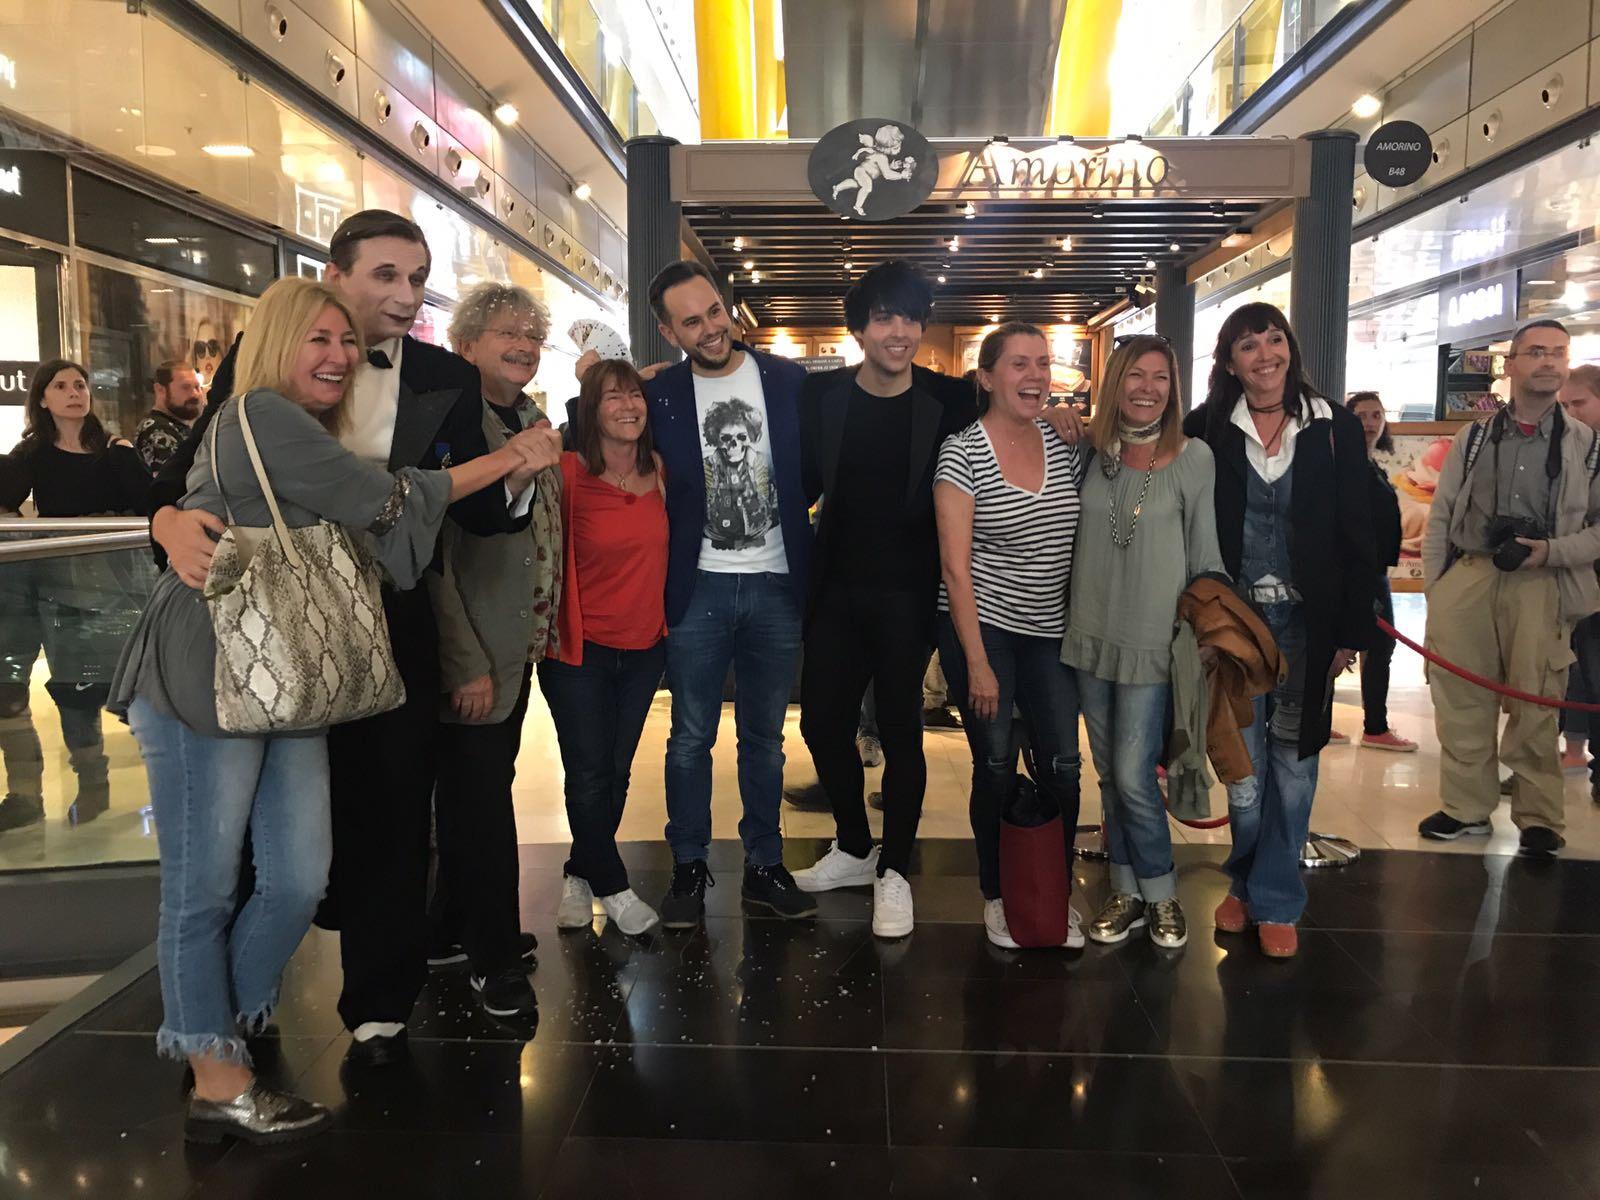 MagFest-magos-magia-Barcelona-Jorge-blass-teatro-victoria (2)